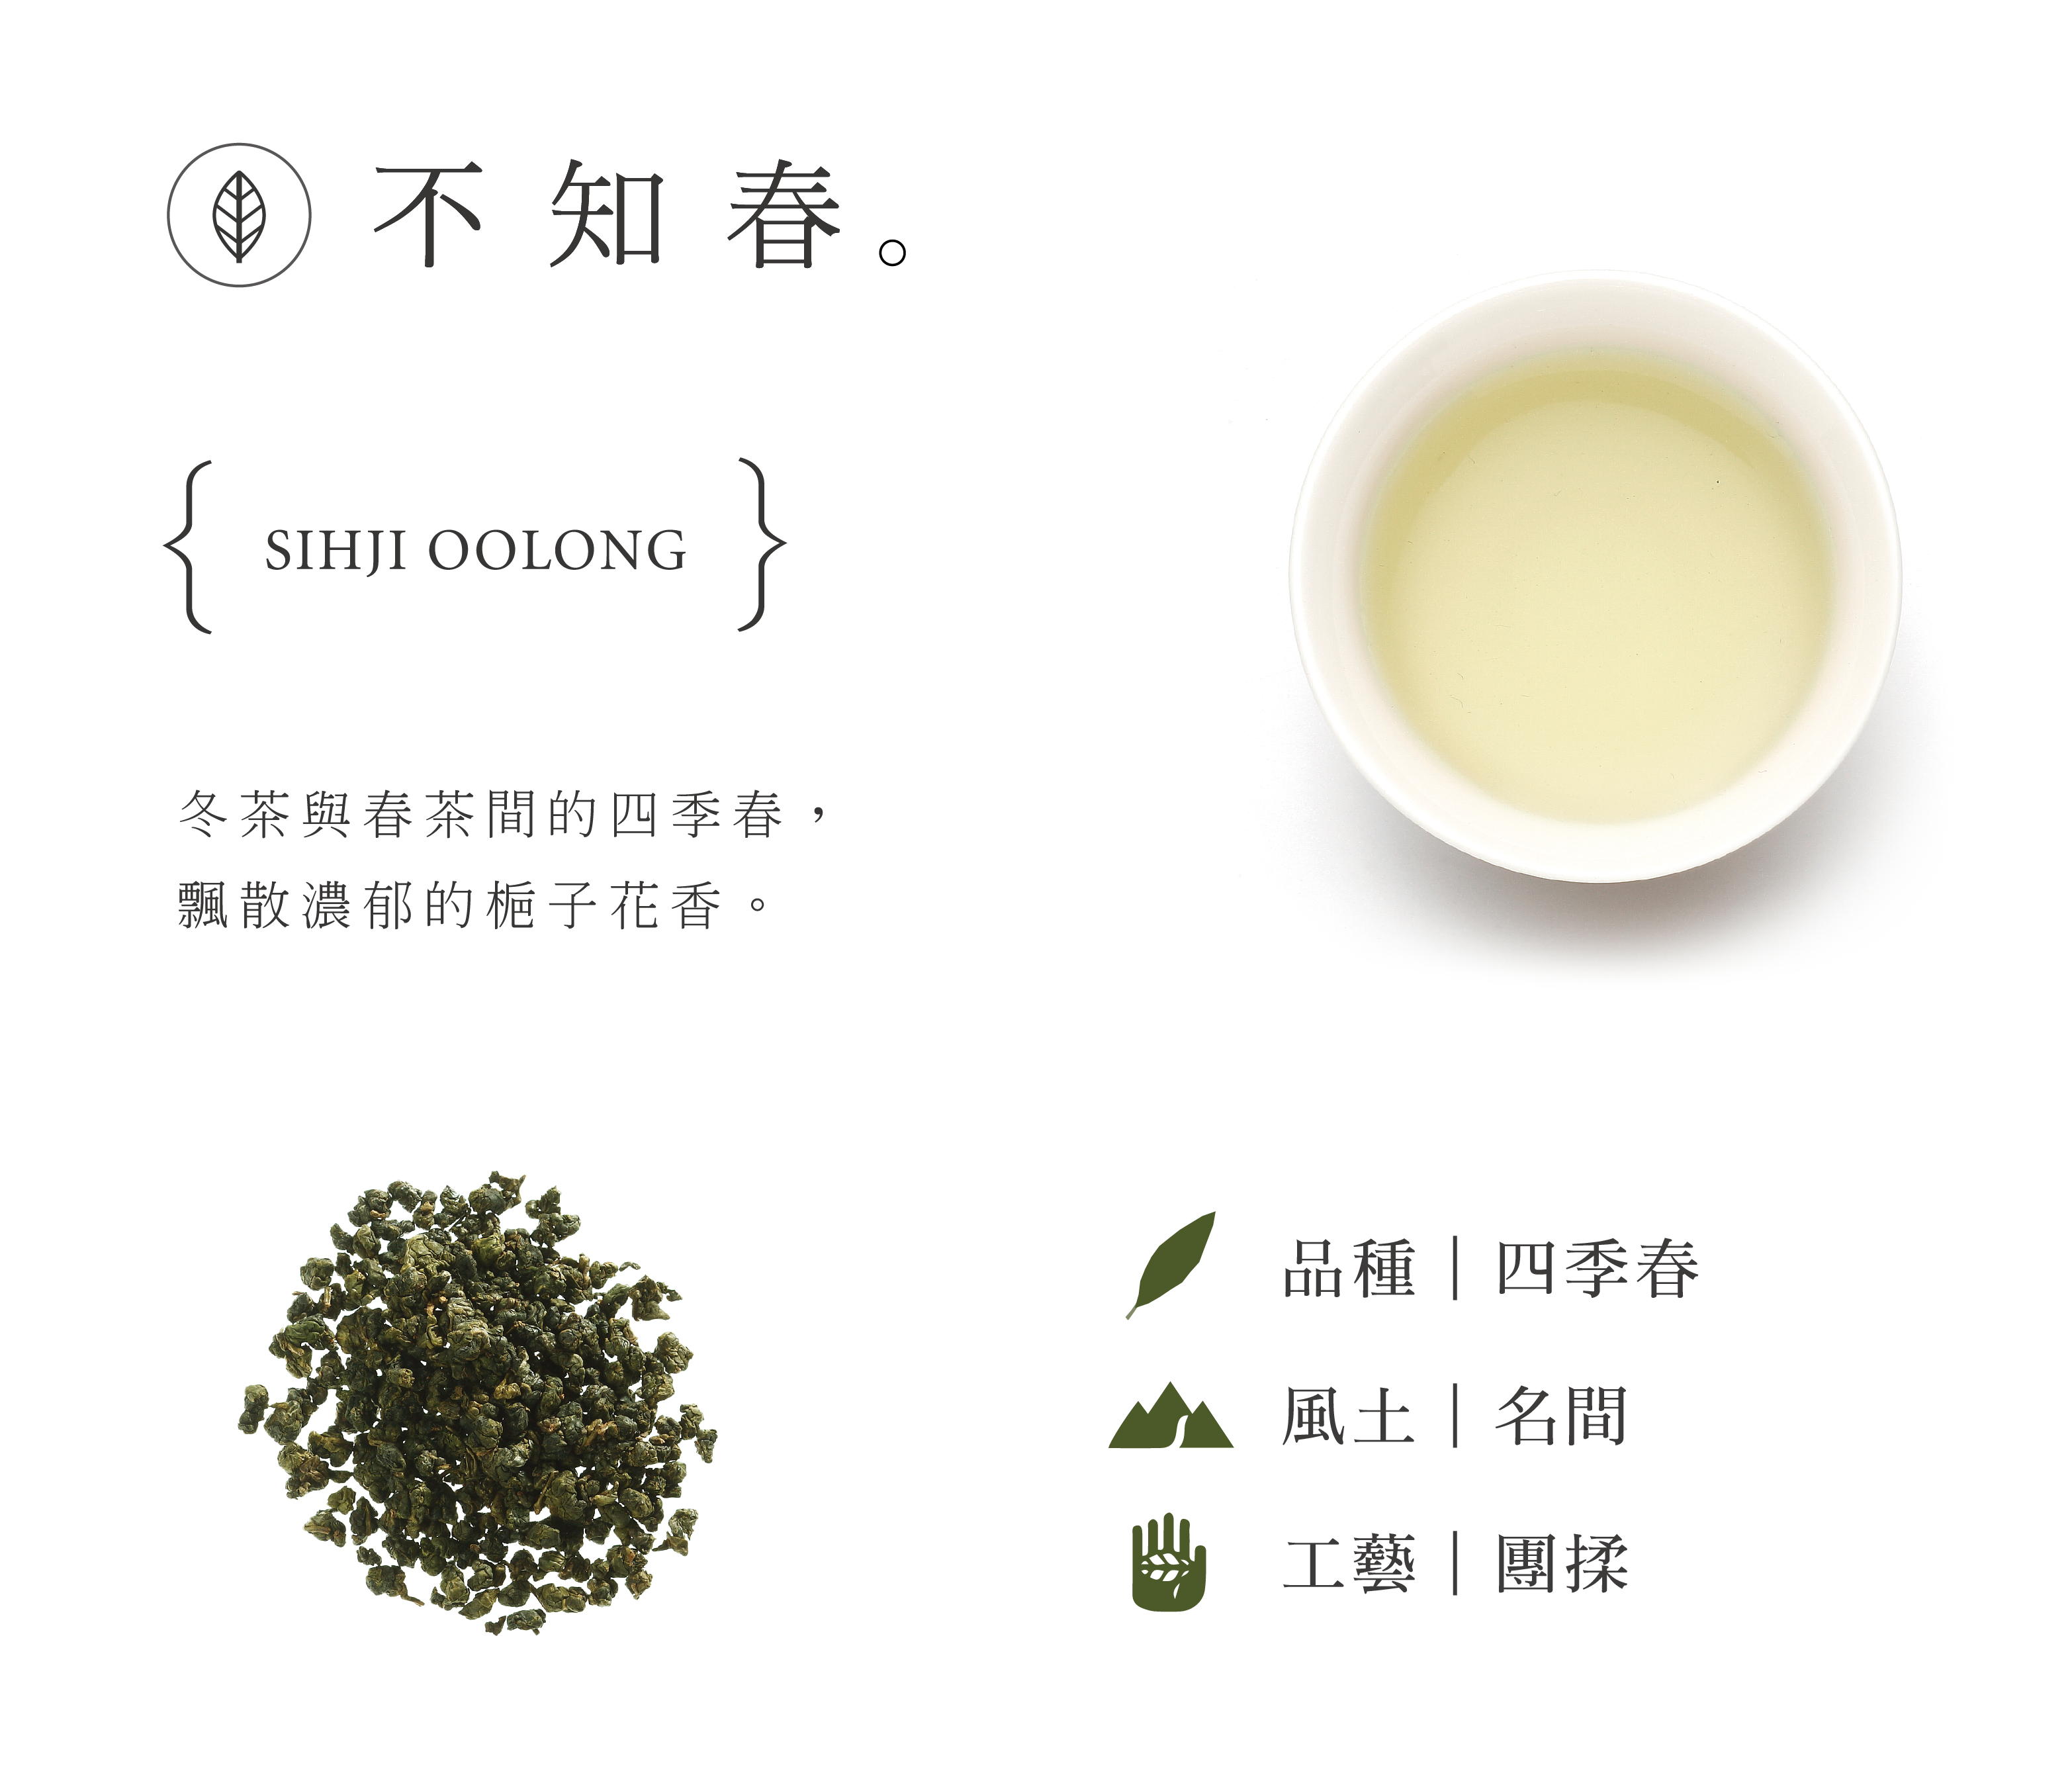 不知春 冬茶與春茶間的四季春,飄散濃郁的梔子花香。